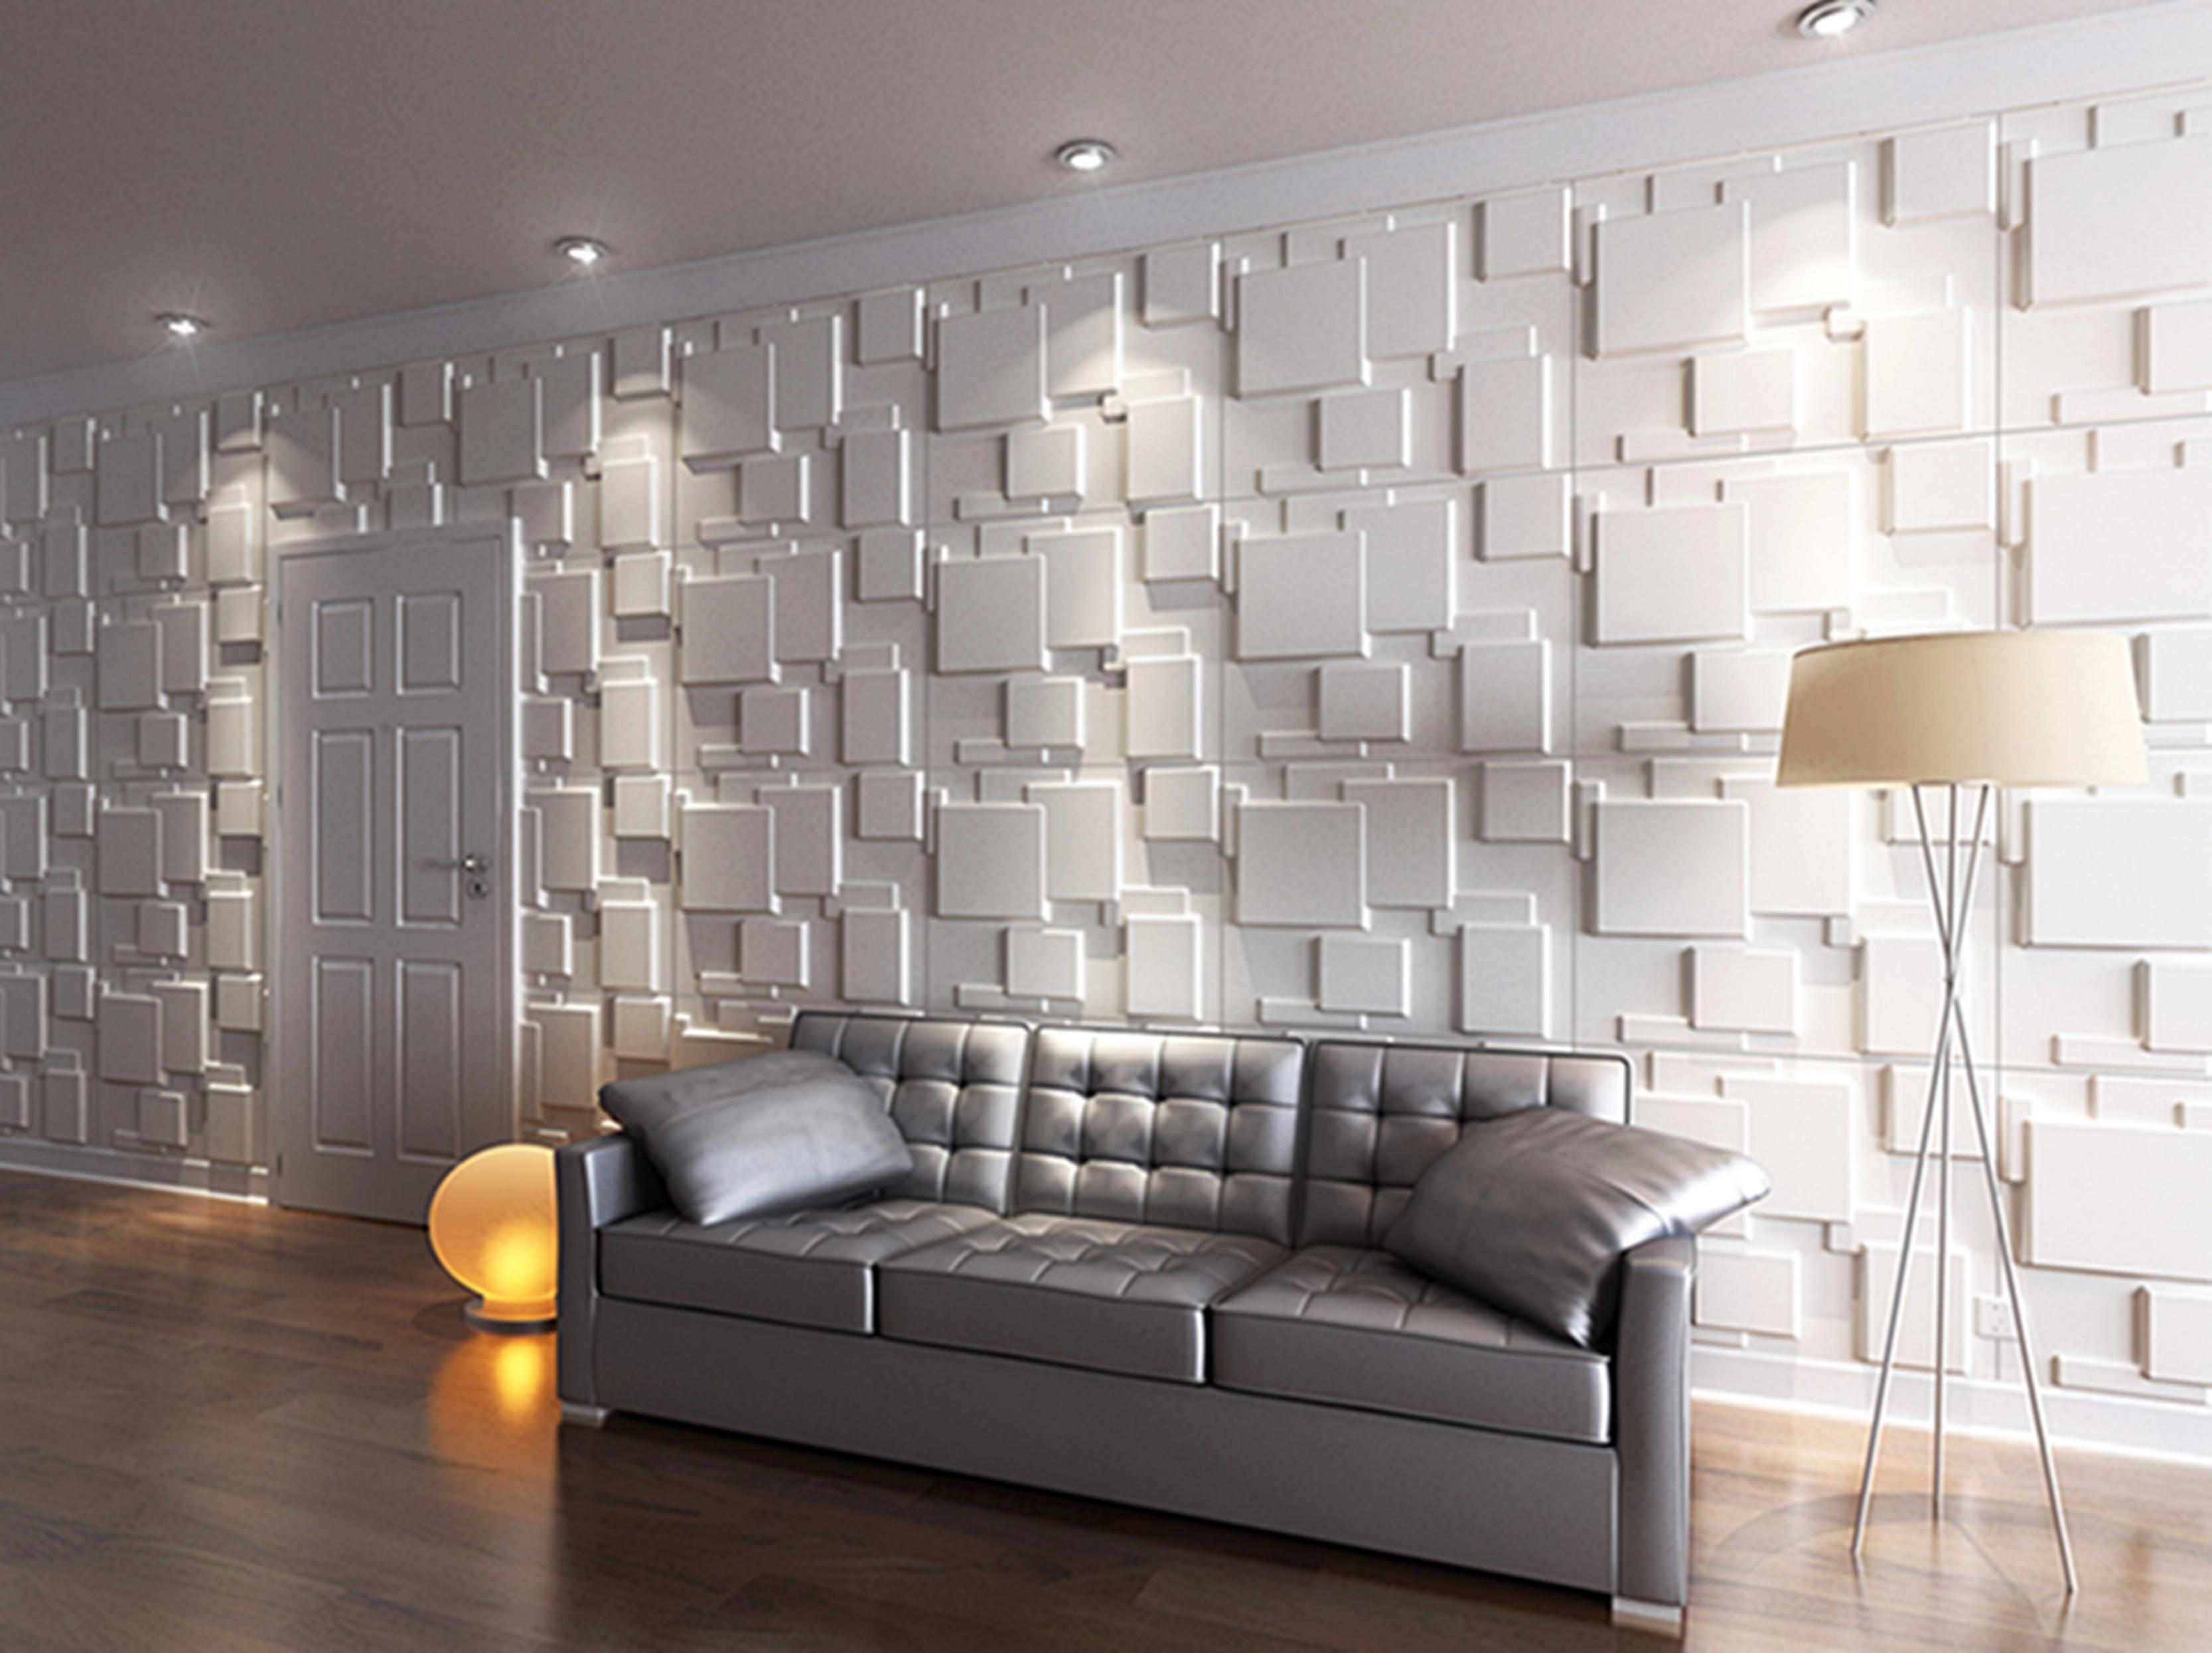 بالصور ورق جدران ثلاثي الابعاد , احدث تصاميم ورق الحائط المجسم 8977